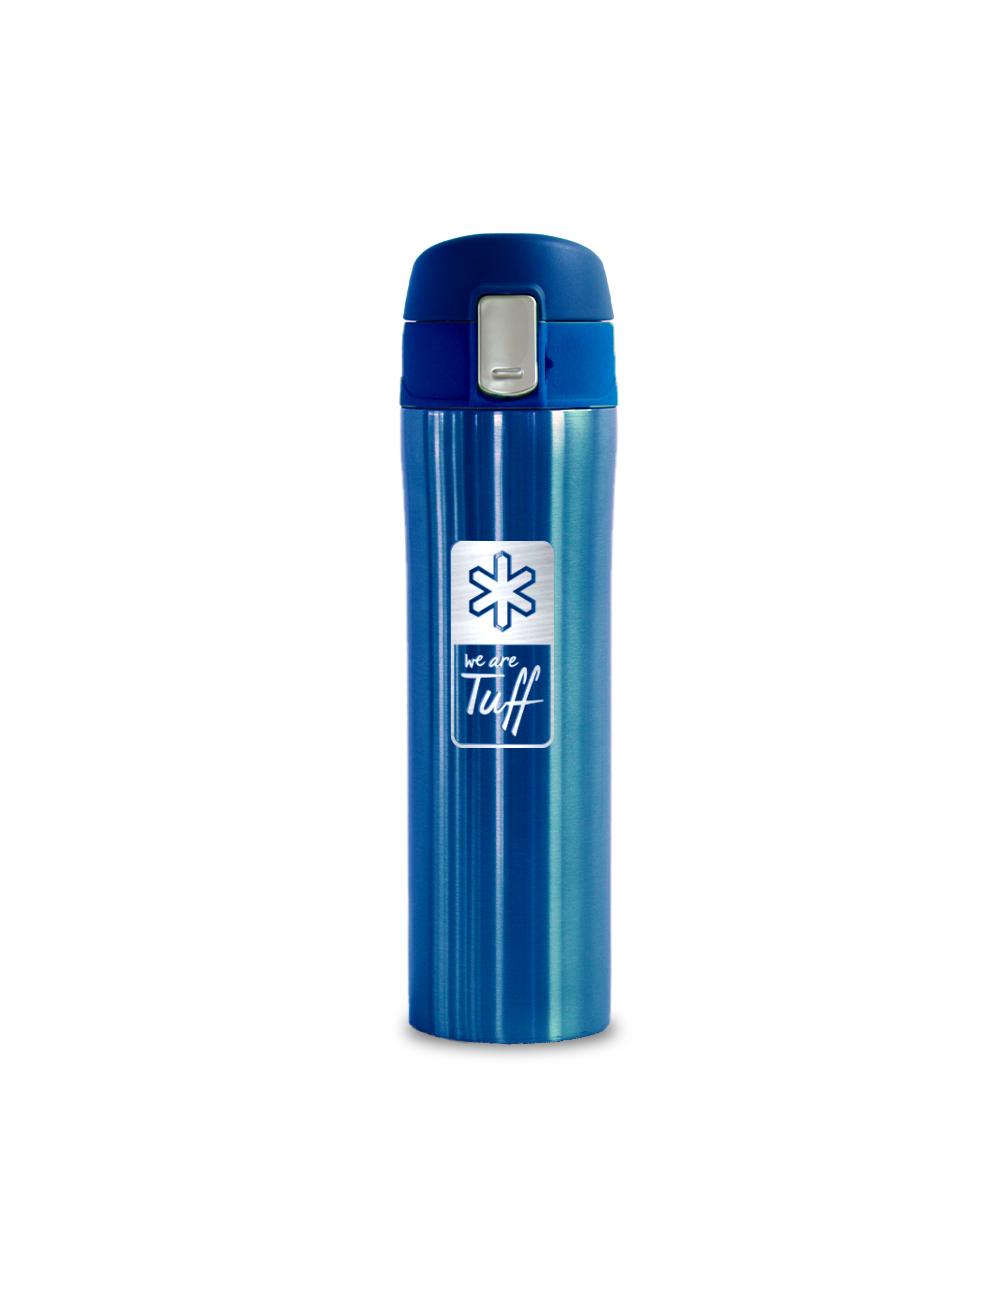 Garrafa Térmica TUFF Azul 450ml